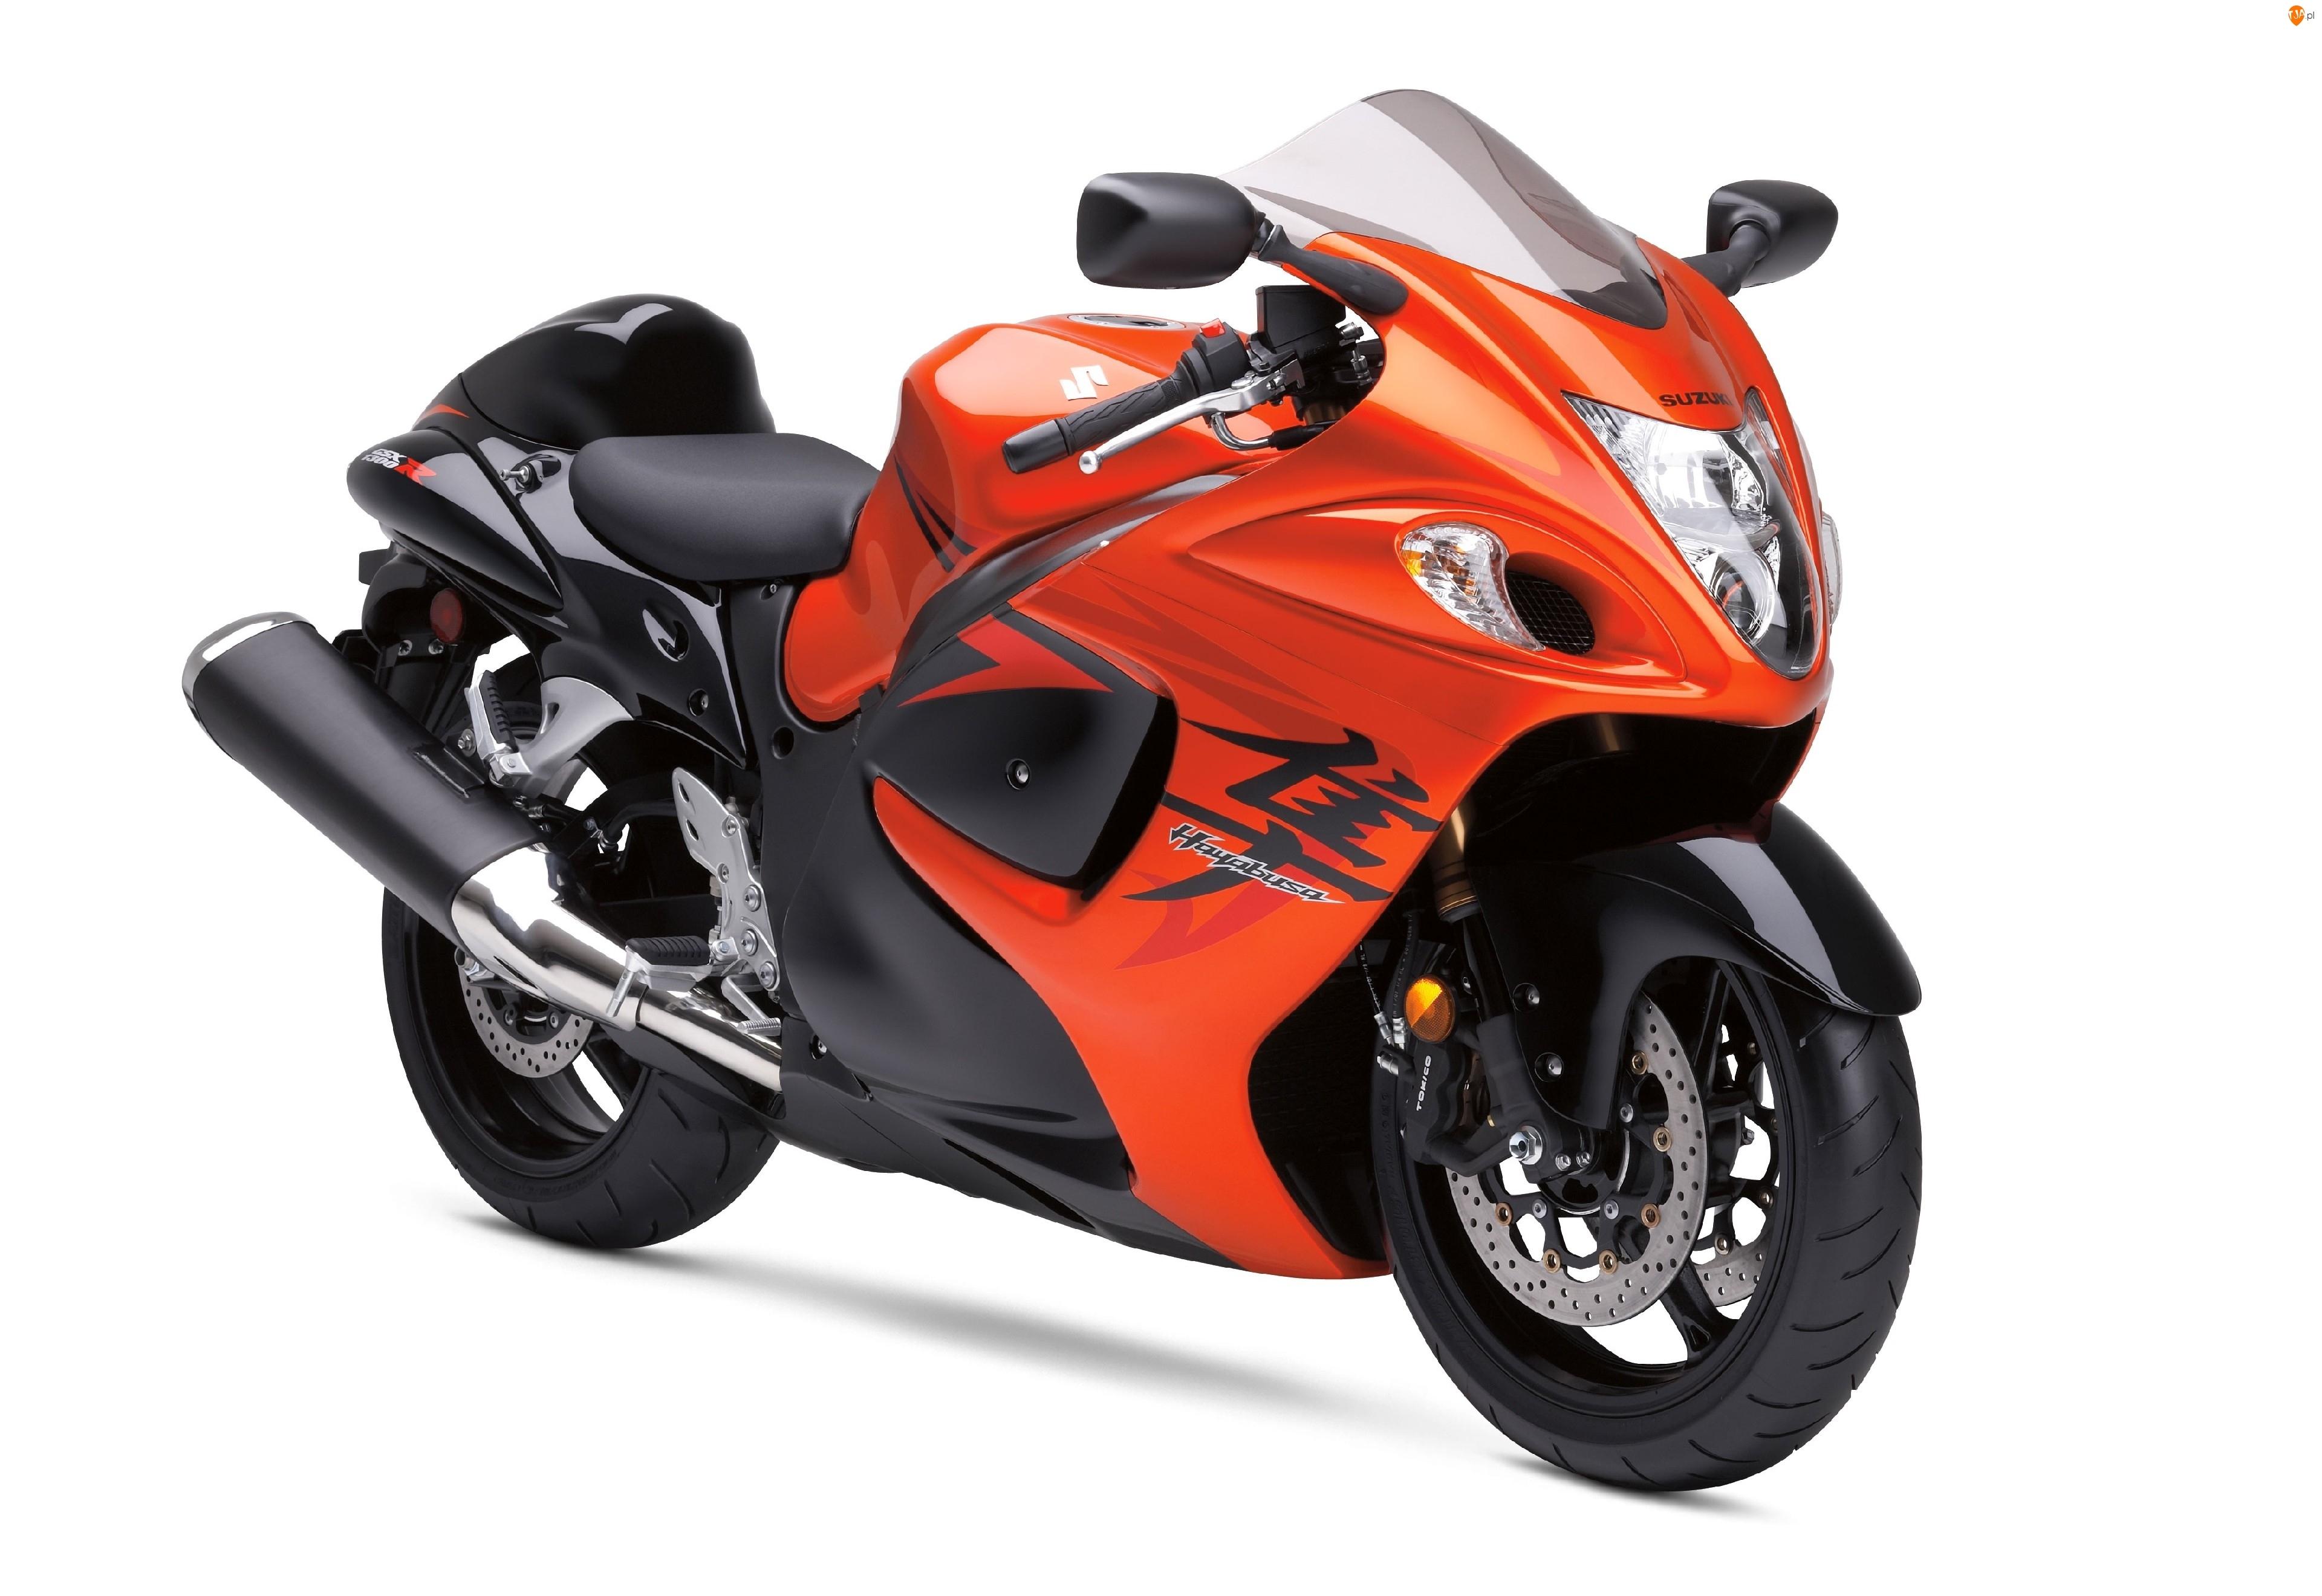 Motocykl, R600, Suzuki, GSX